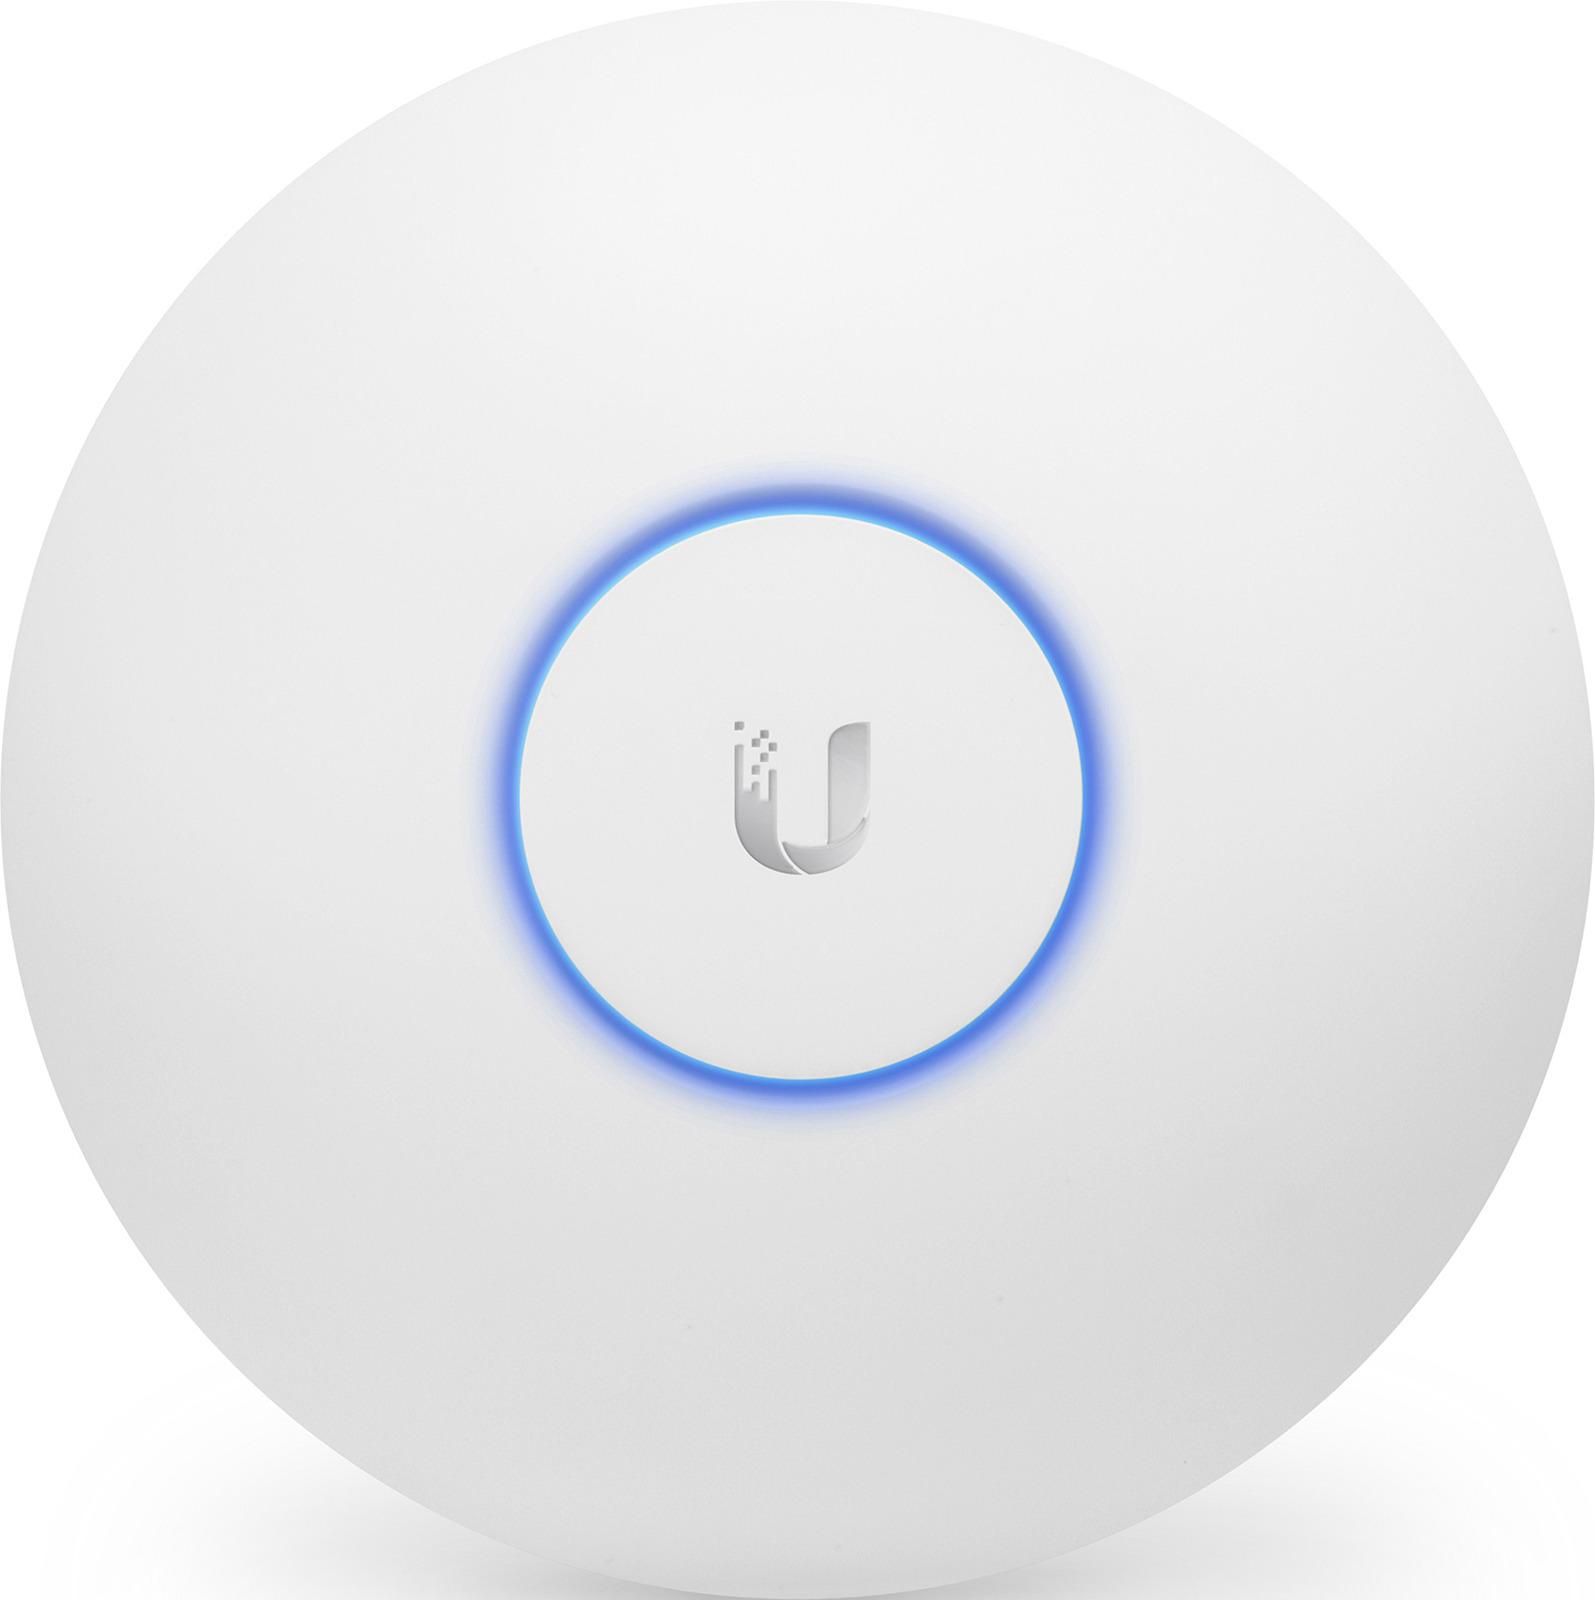 Точка доступа Ubiquiti, UAP-LR(EU), белый точка доступа ubiquiti is 5ac eu